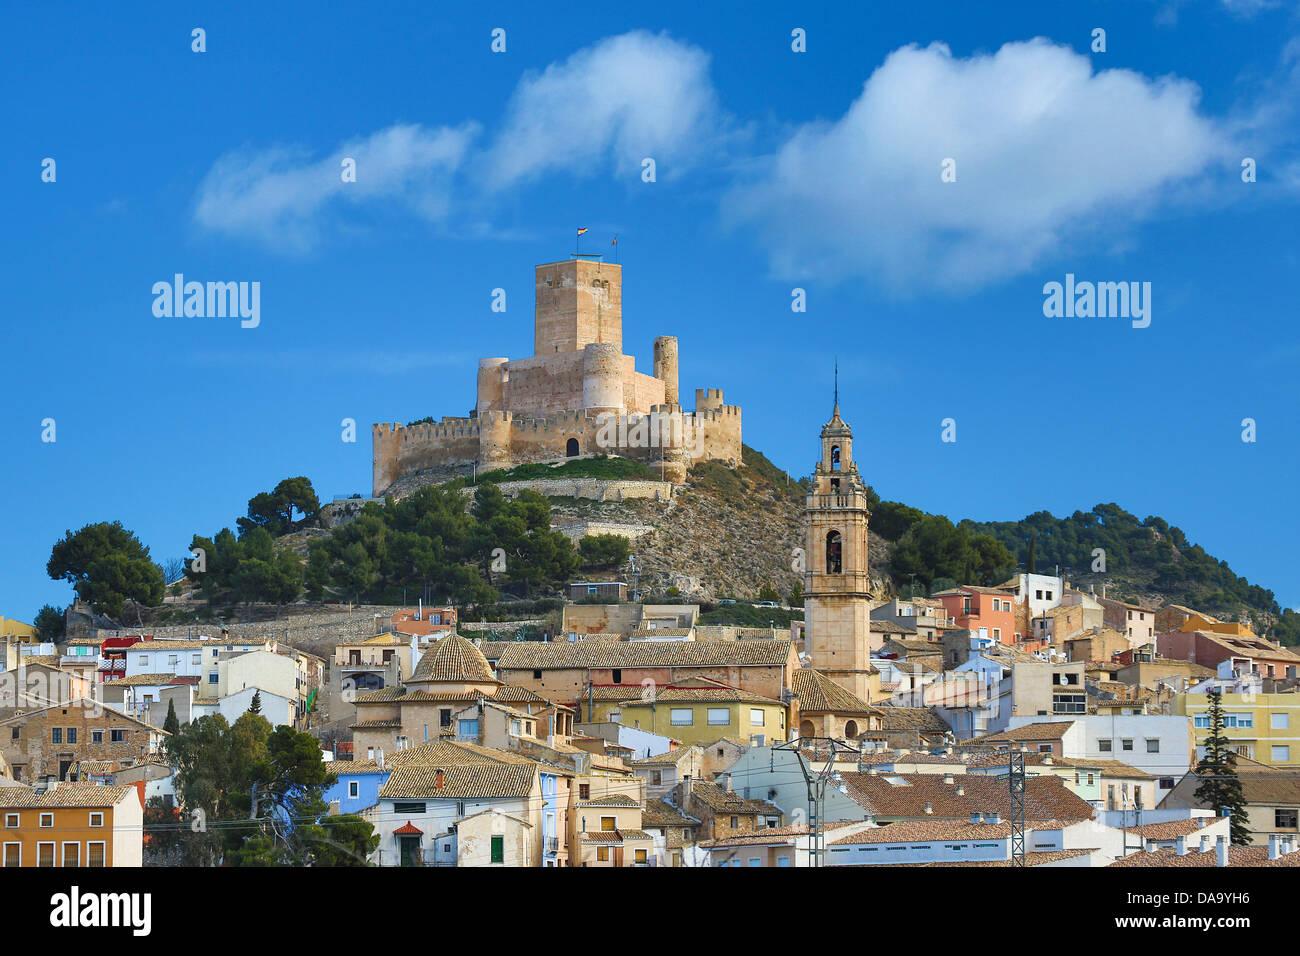 España, Europa, Valencia, arquitectura, edificios, el castillo Hill, históricos, historia, pueblo, ciudad, Imagen De Stock